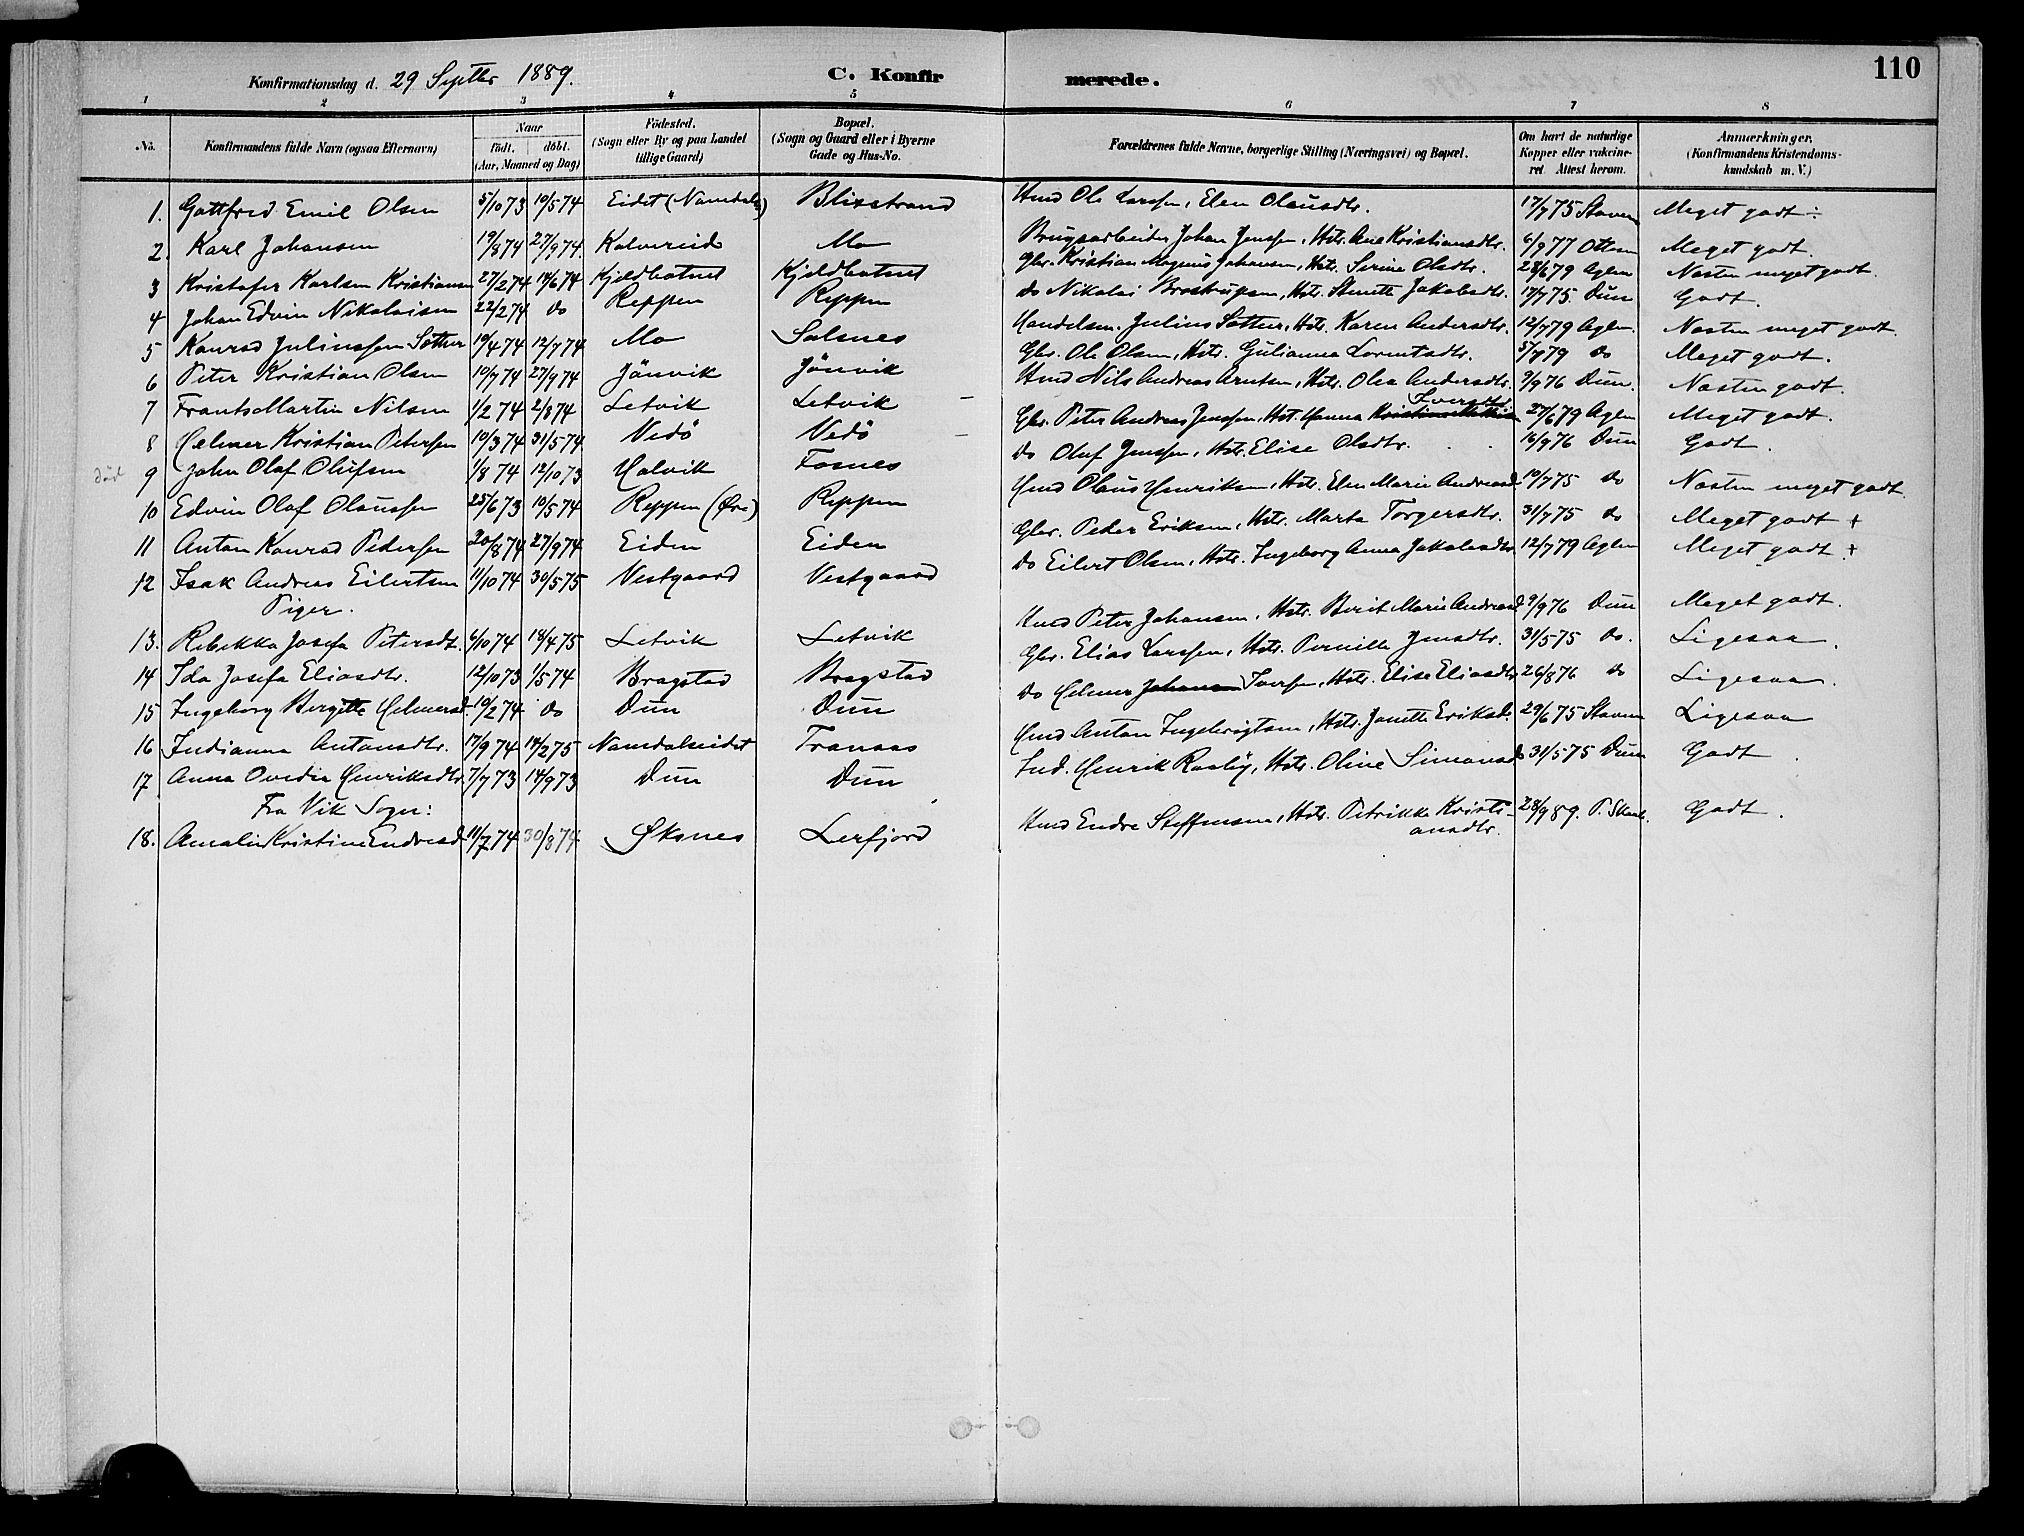 SAT, Ministerialprotokoller, klokkerbøker og fødselsregistre - Nord-Trøndelag, 773/L0617: Ministerialbok nr. 773A08, 1887-1910, s. 110